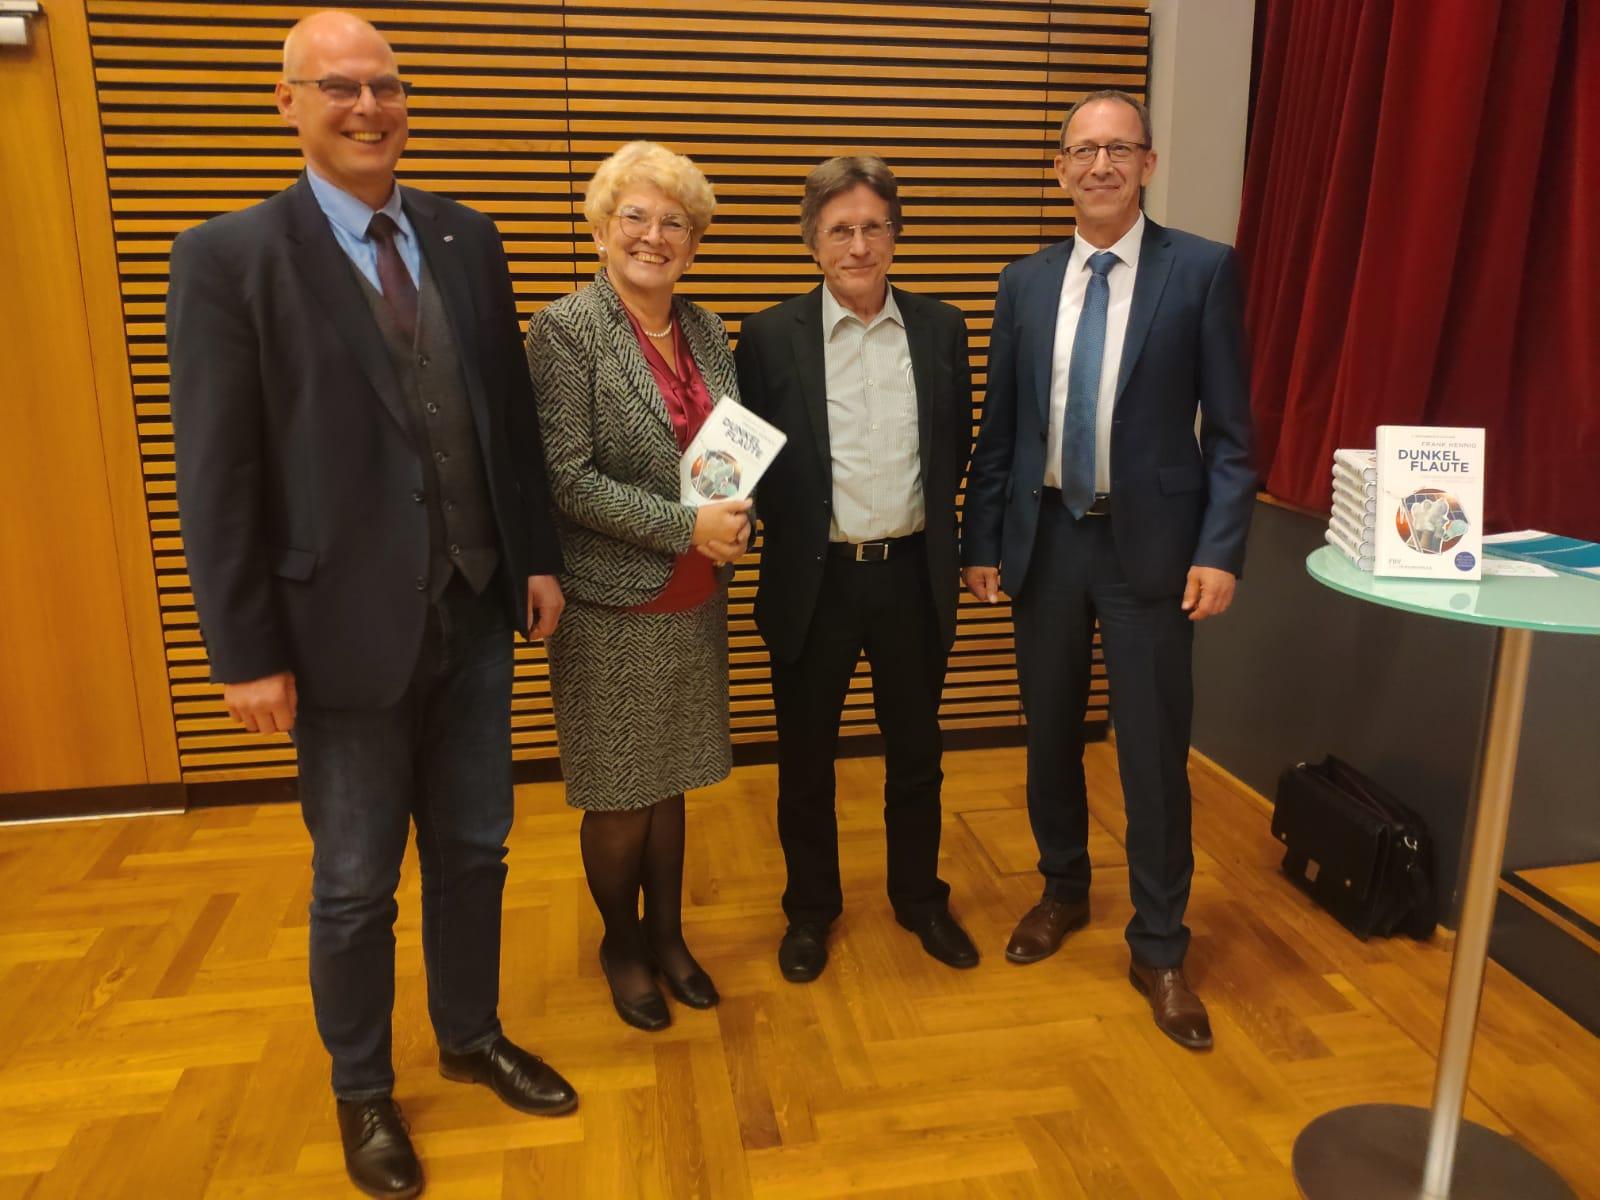 Die Sächsische AfD-Landtagsfraktion informierte über die Energiewende, im Bürgerhaus Eilenburg